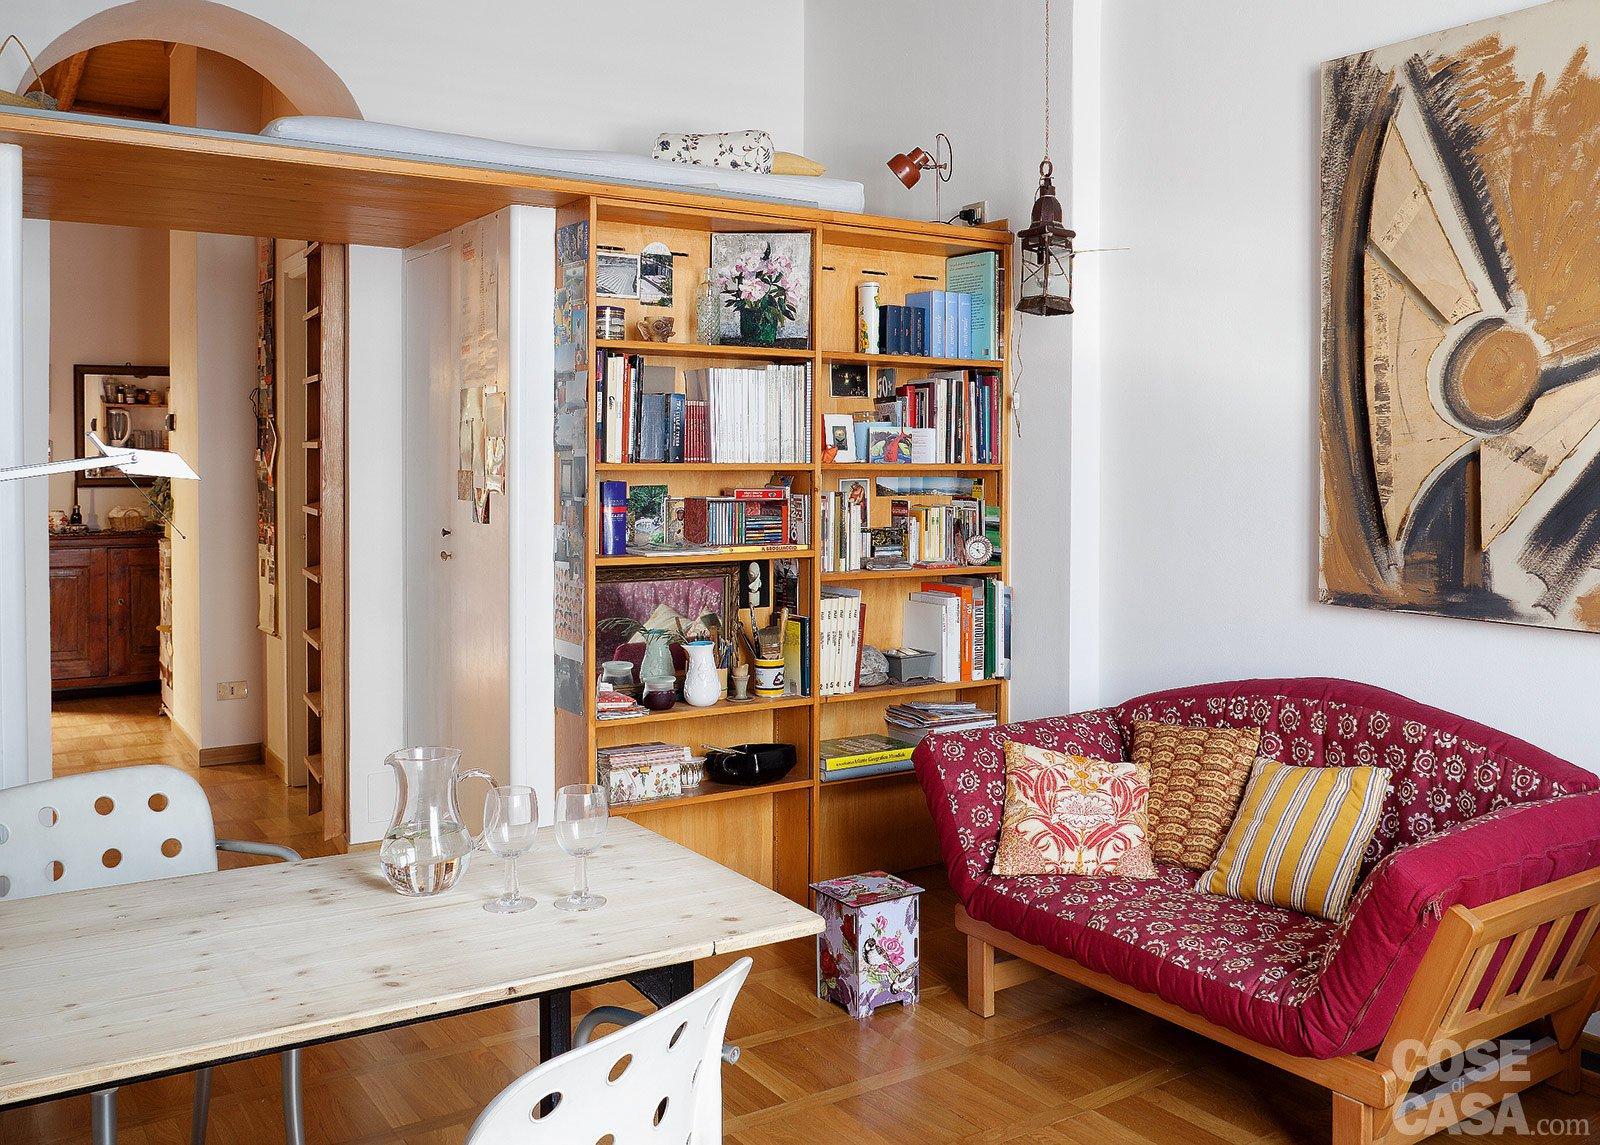 Bilocale di 40 mq una casa fai da te cose di casa for Piani casa su due piani degli anni 60